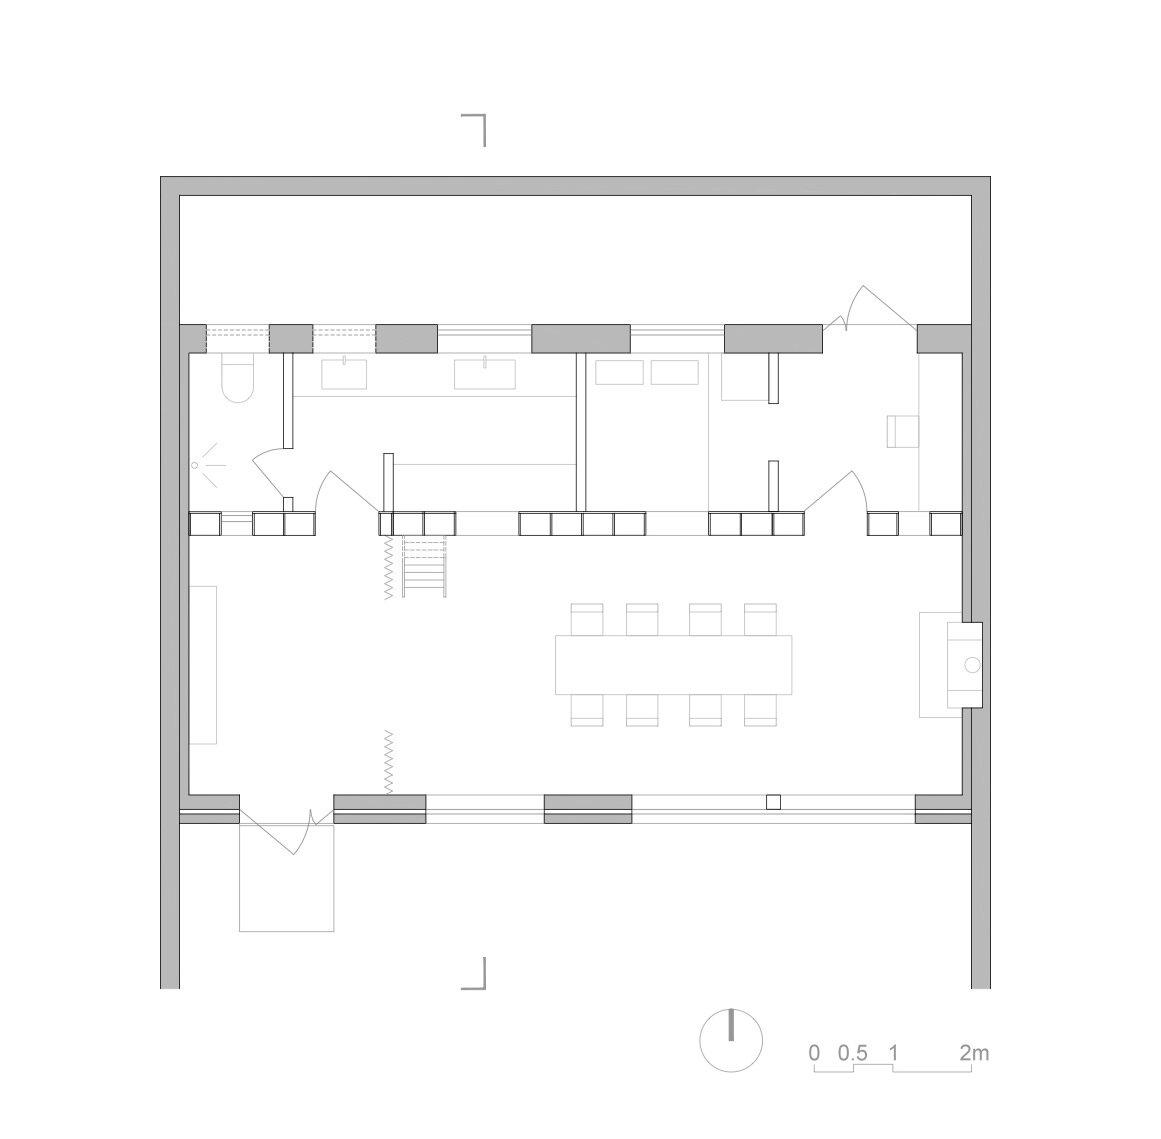 Ban House - Small House - Zhang Dongguang & Liu Wenjuan - Shaanxi China - Floor Plan - Humble Homes